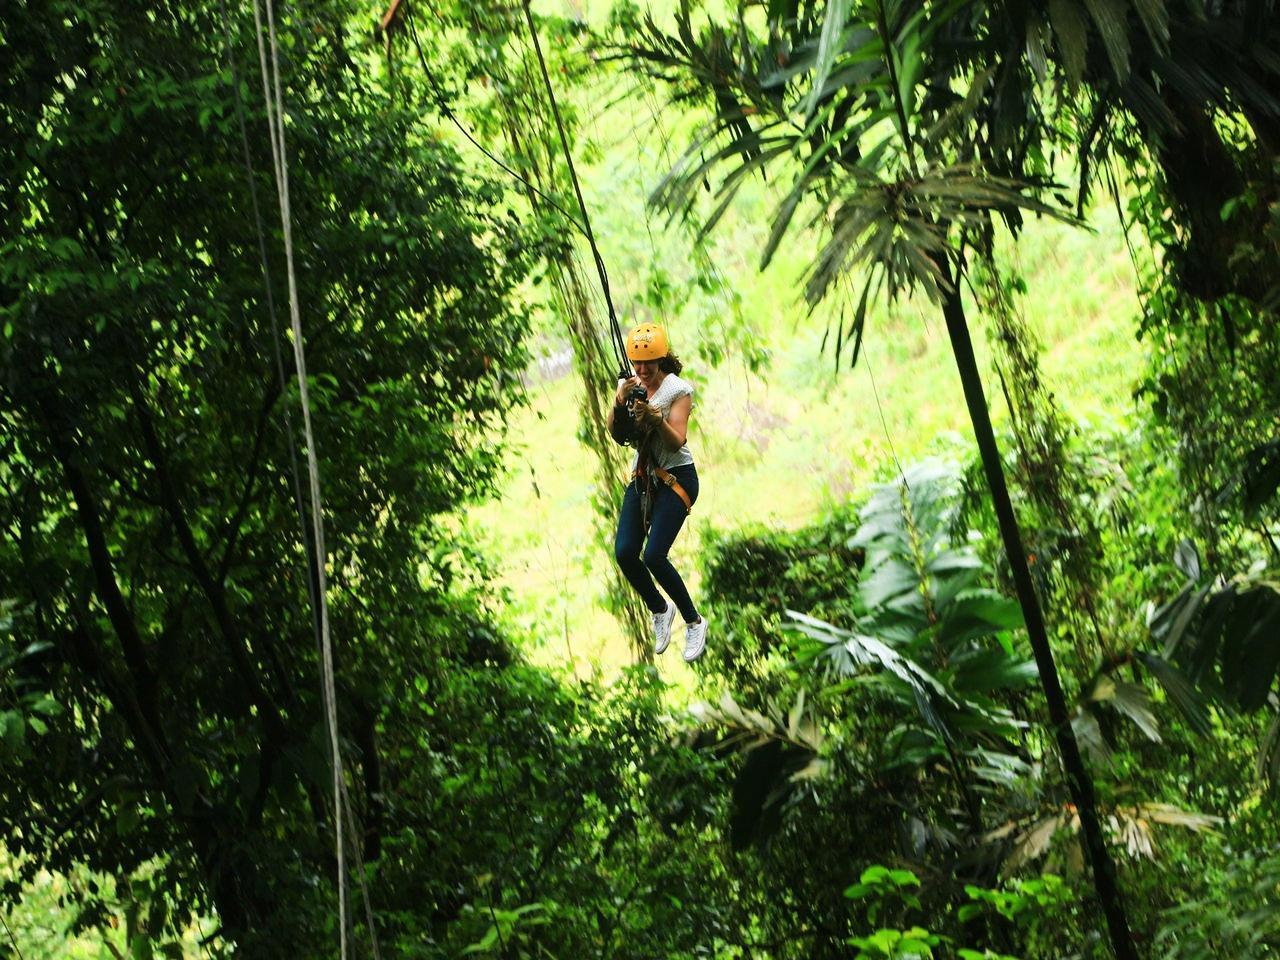 Columpiándome como Tarzán en plena jungla.